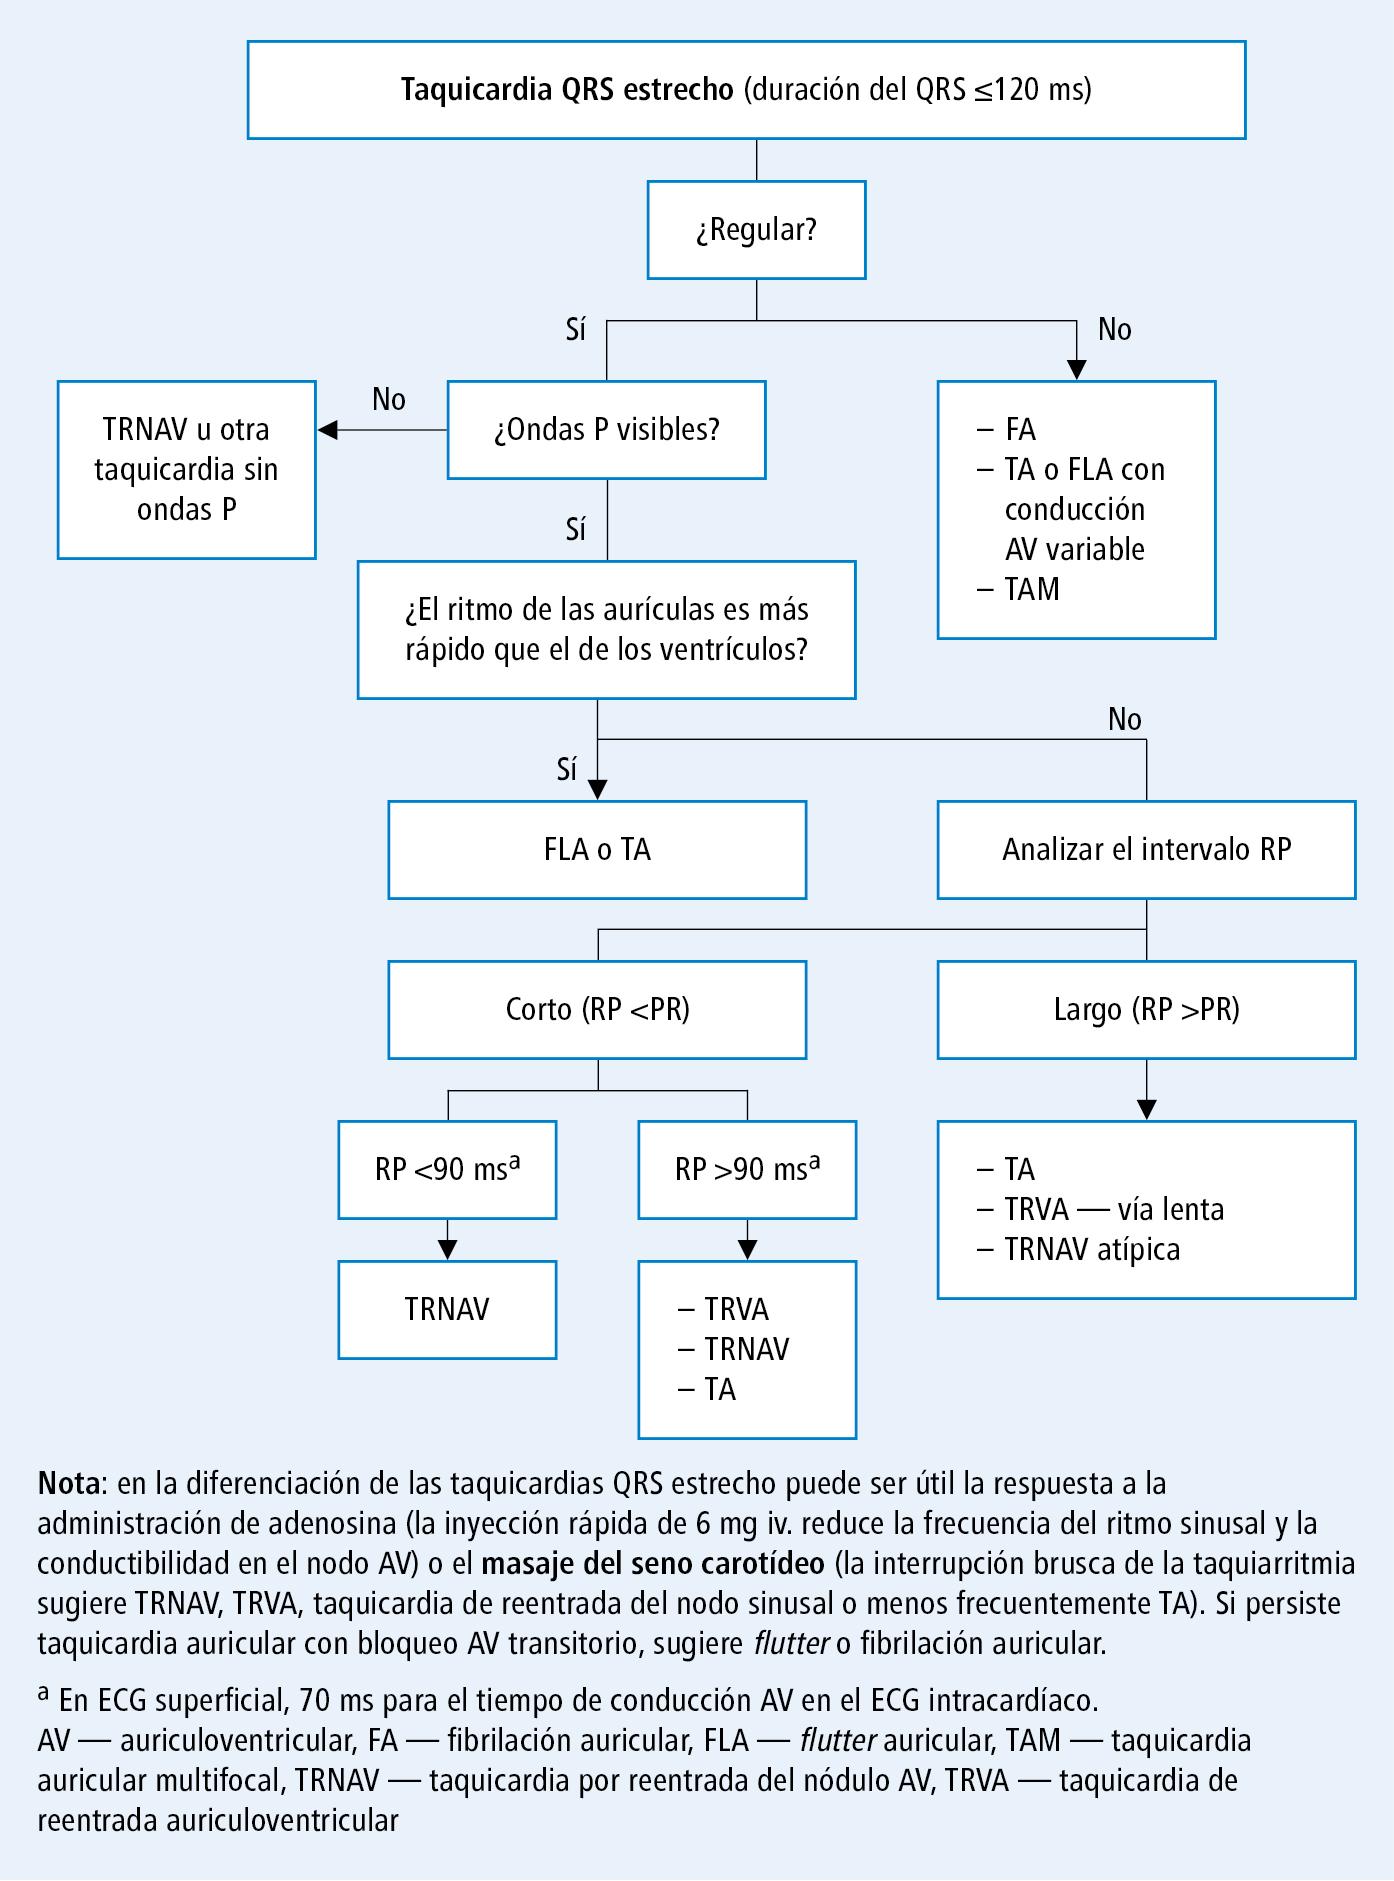 bloqueo AV síntomas de primer grado de diabetes